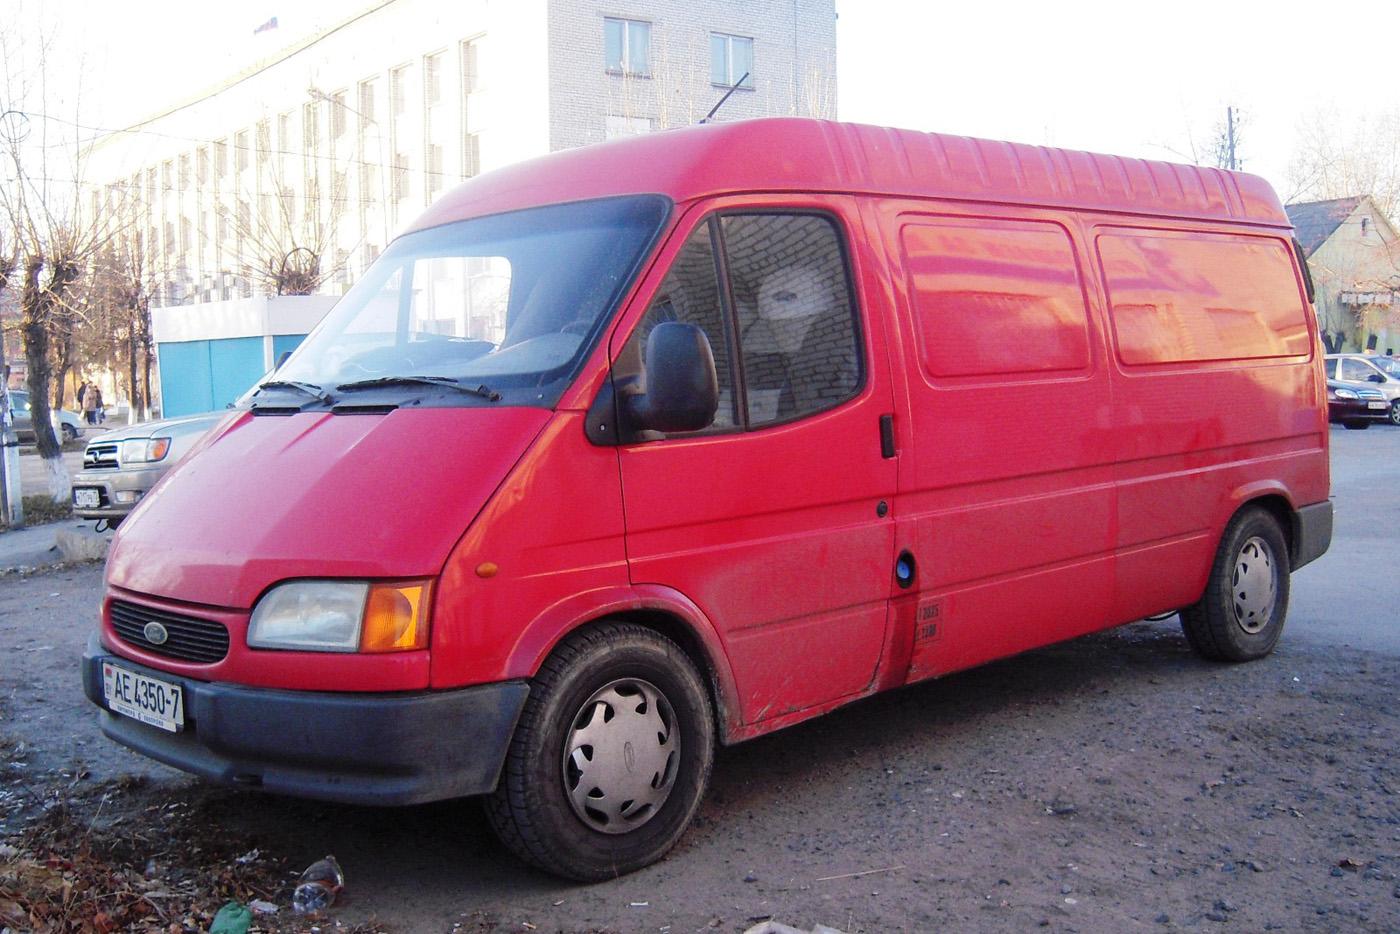 Цельнометаллический фургон Ford Transit Mk5 #AE 4350-7. Свердловская область, Тугулым, улица Ленина